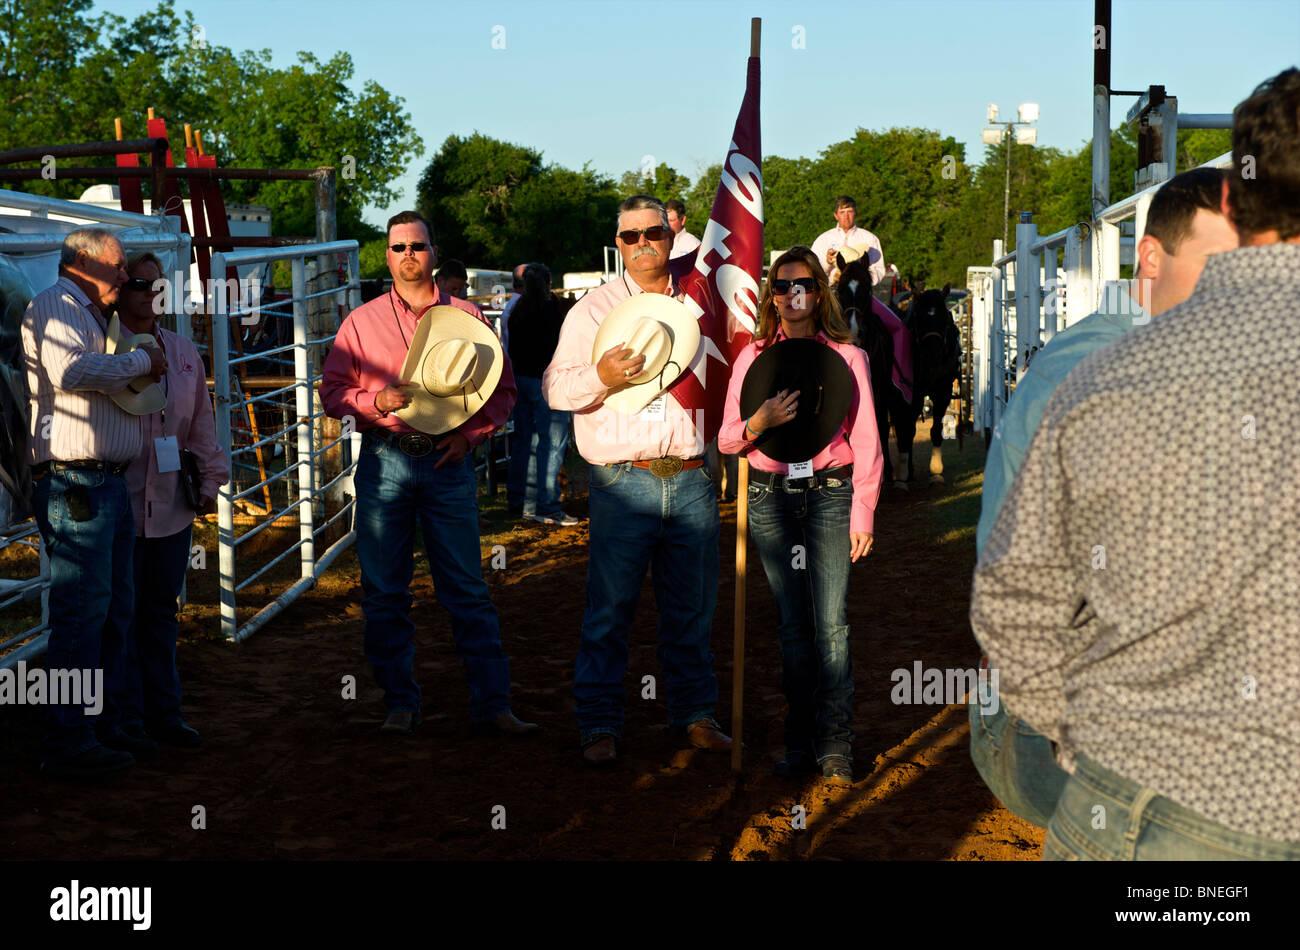 Membres de PRCA Rodeo en chantant leur hymne national à Petite-ville, Bridgeport, Texas, États-Unis Banque D'Images